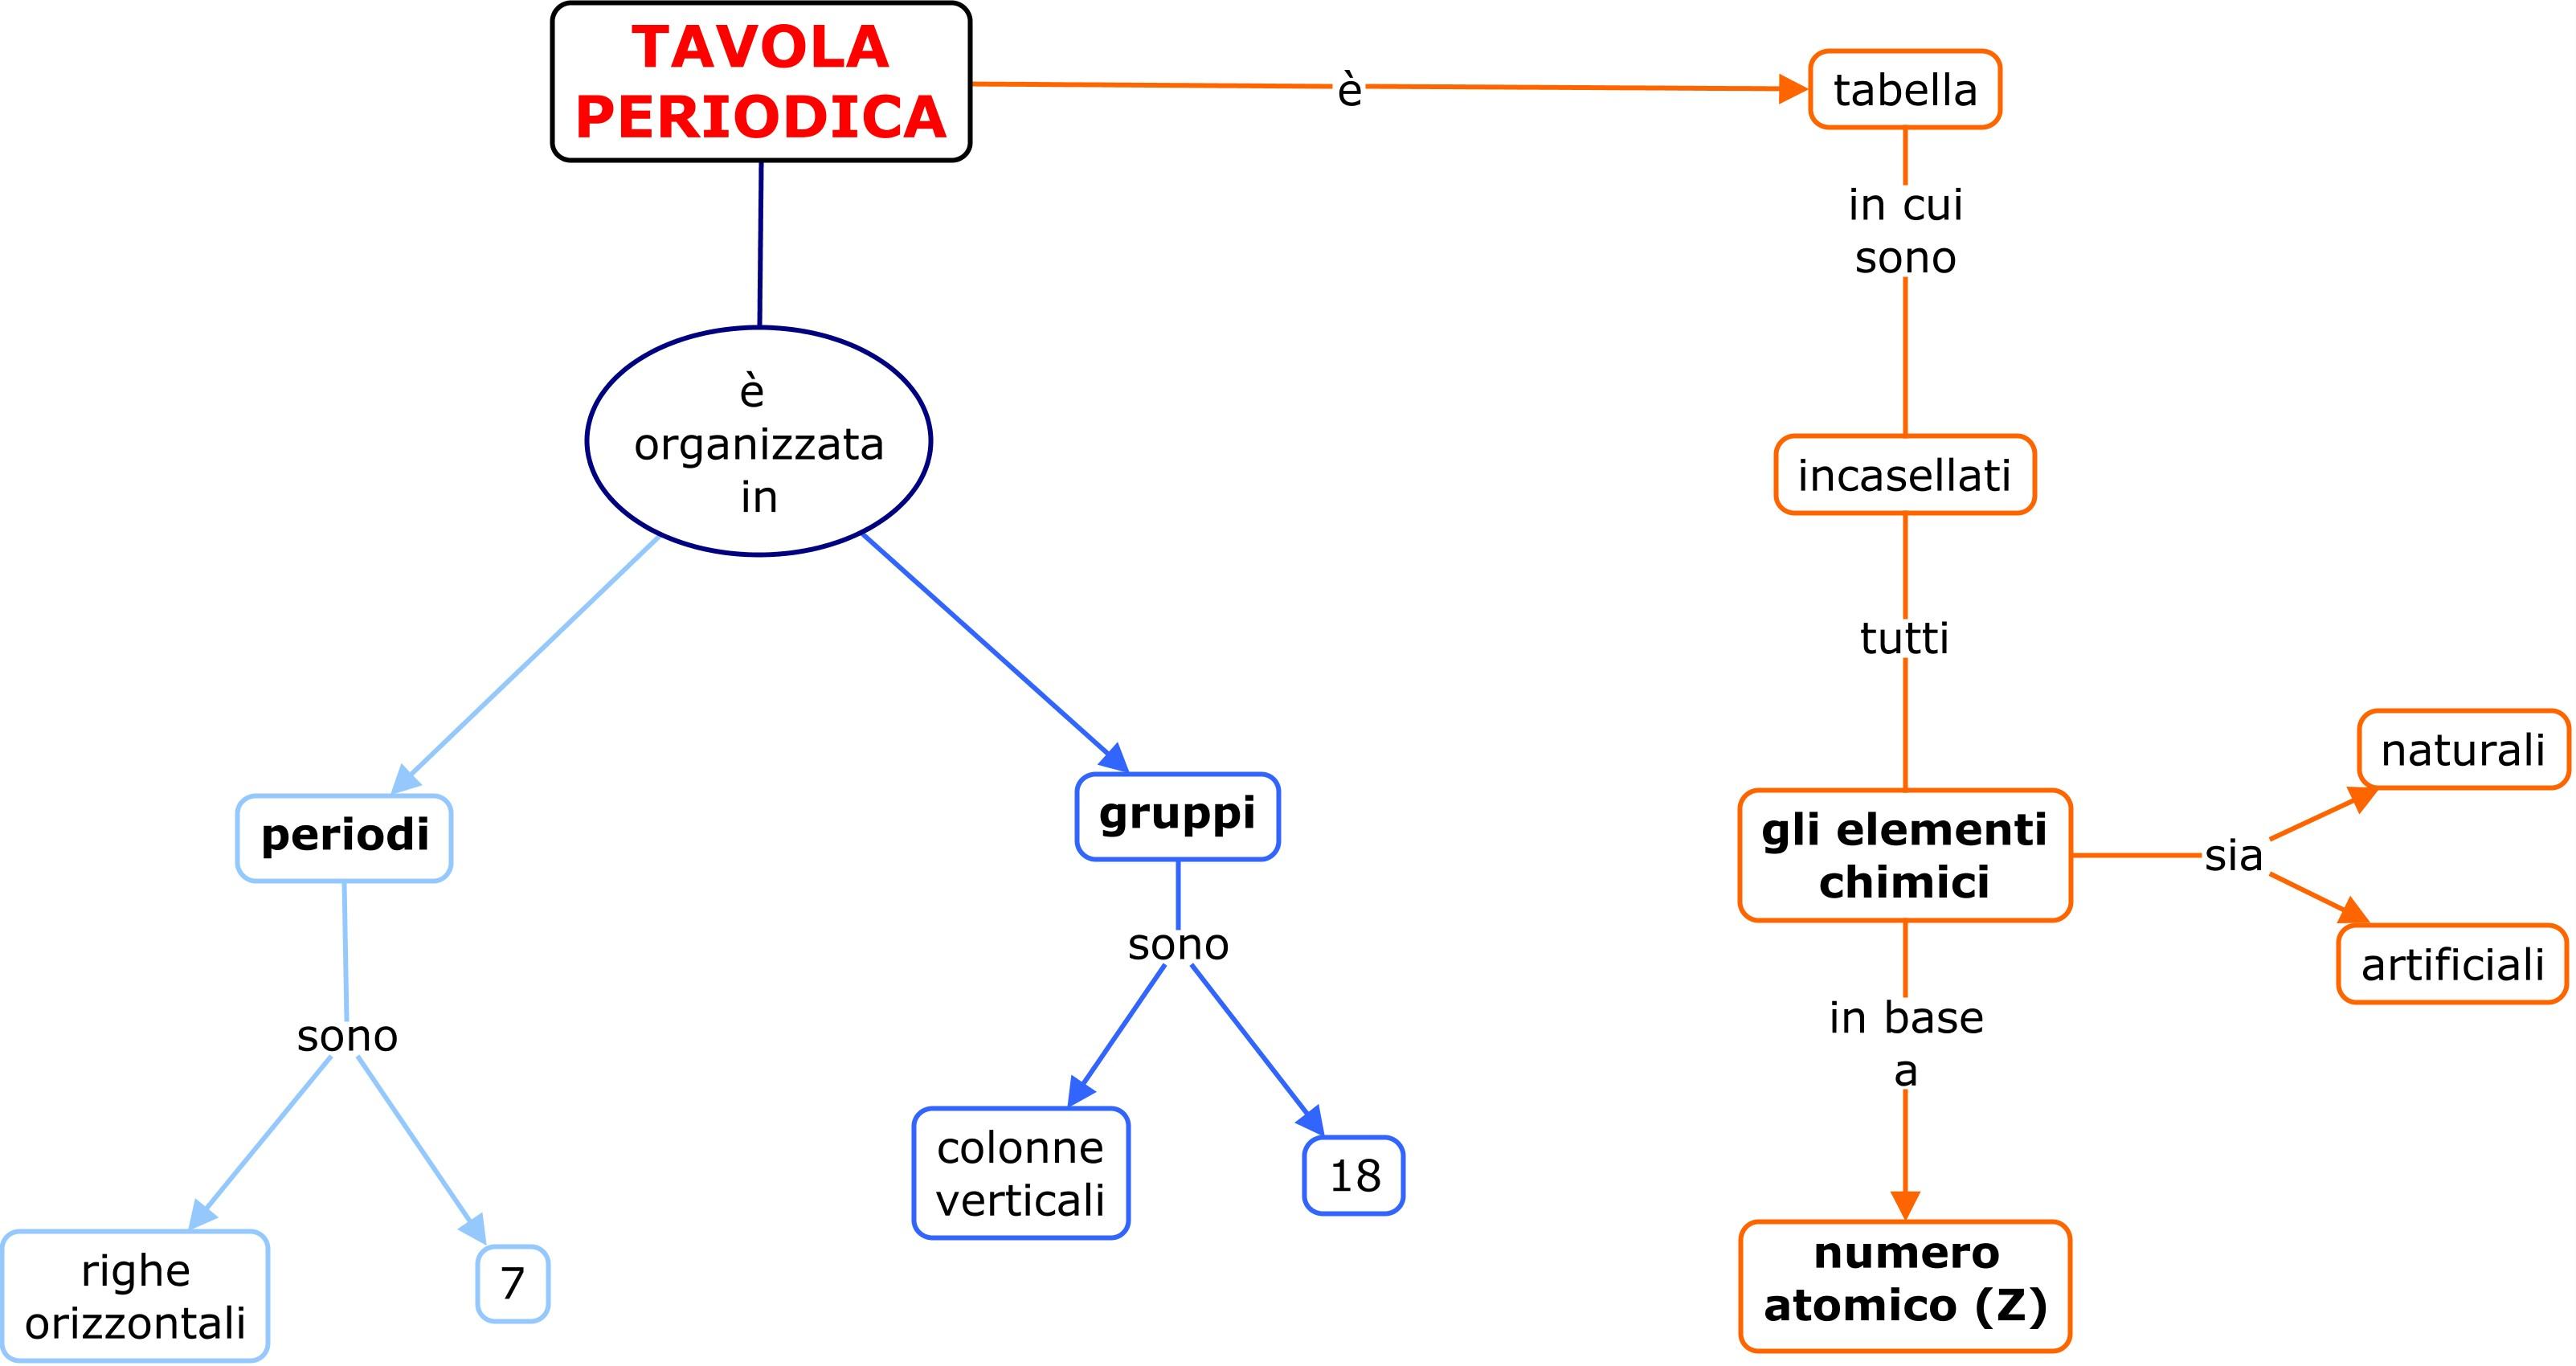 Tavola periodica blog di aiutoperstudiare - Tavola periodica gruppi e periodi ...